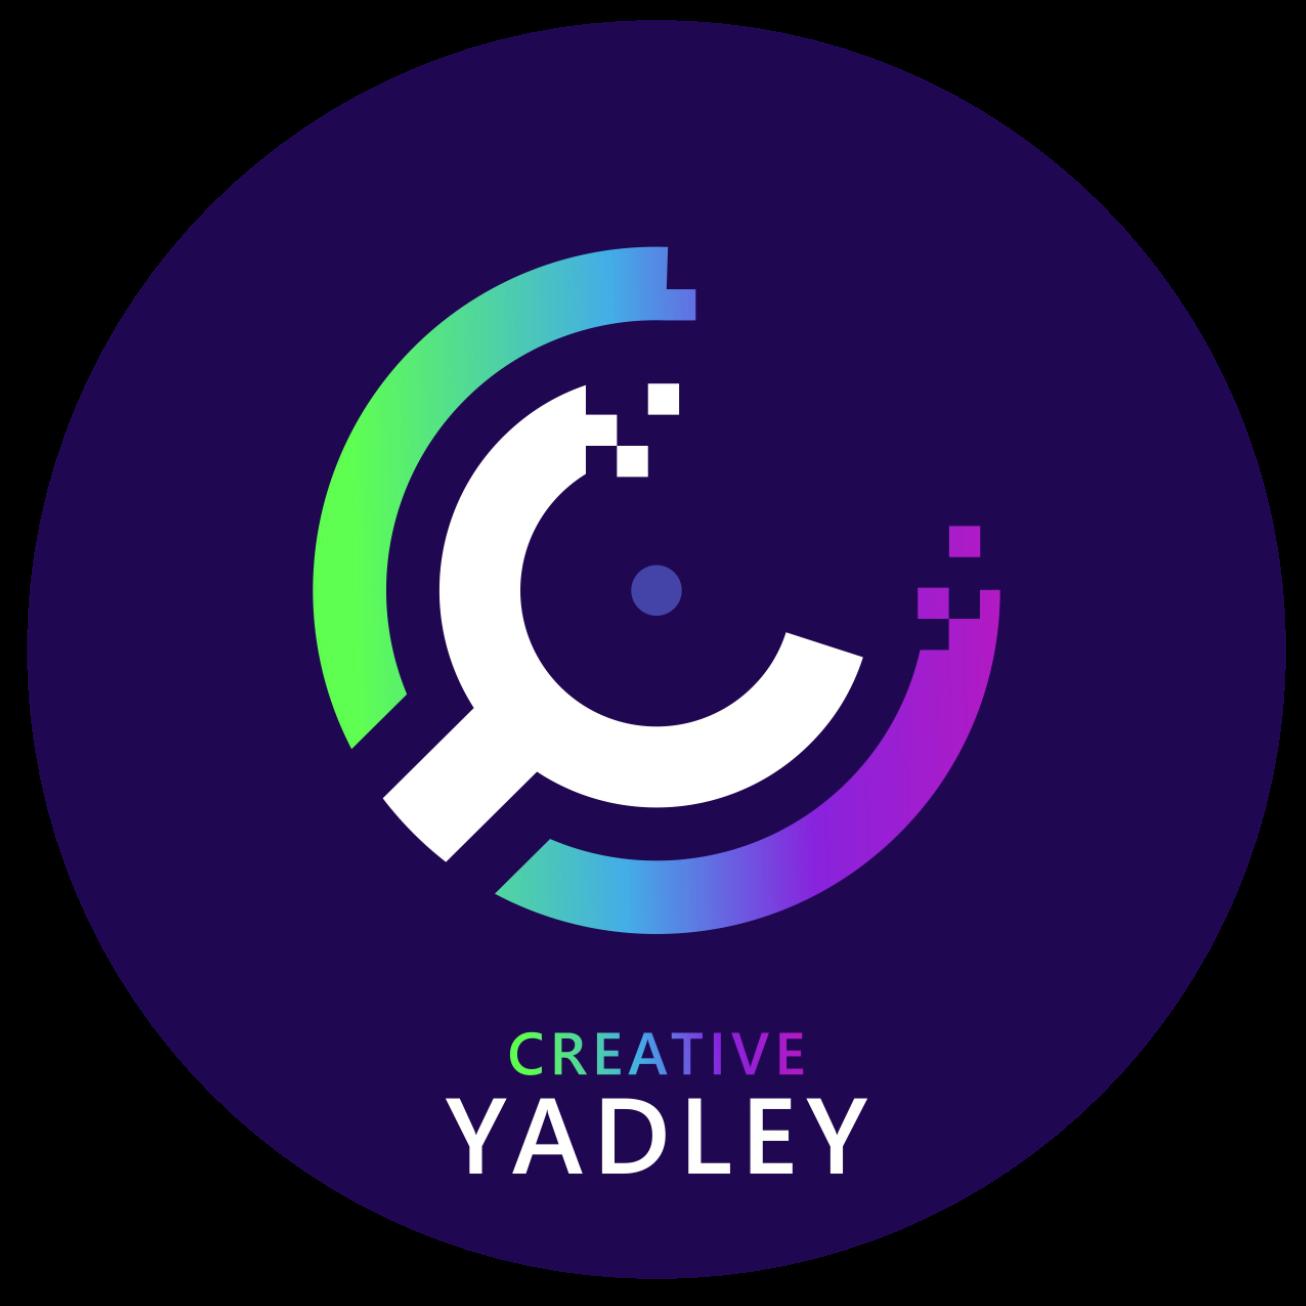 Creative Yadley